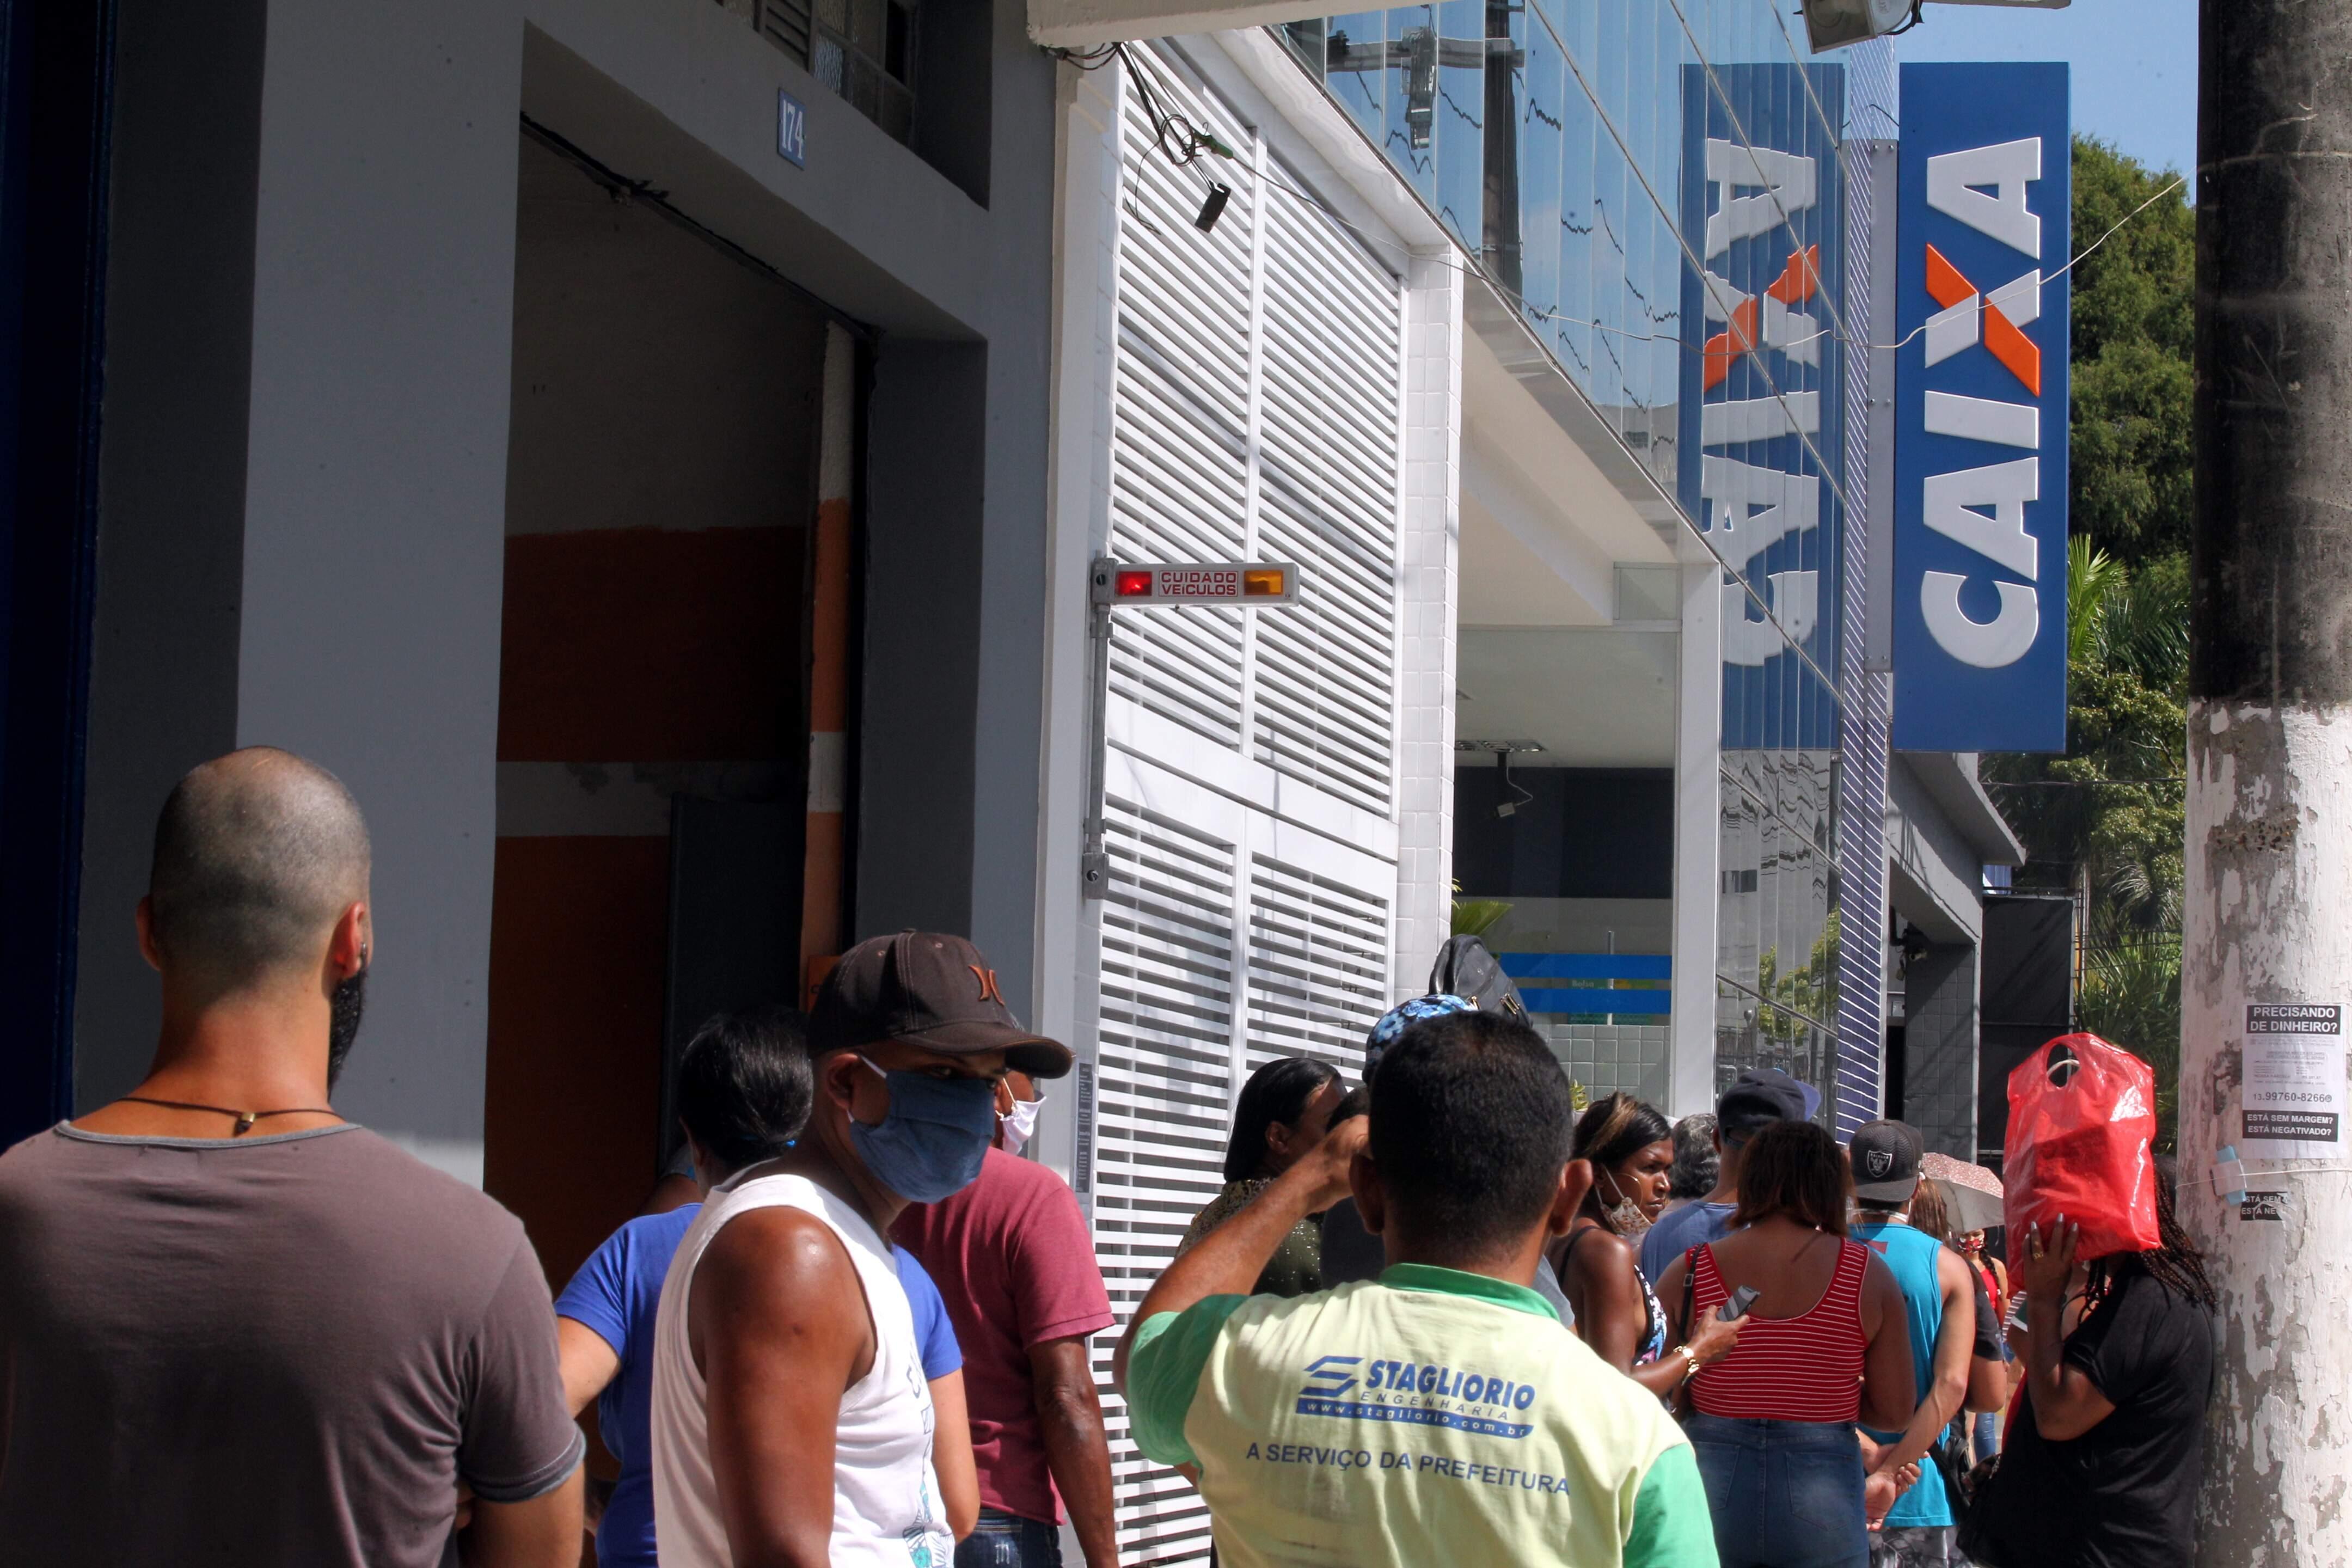 Agência na Av. São Francisco, em Santos, ficará aberta até 12h